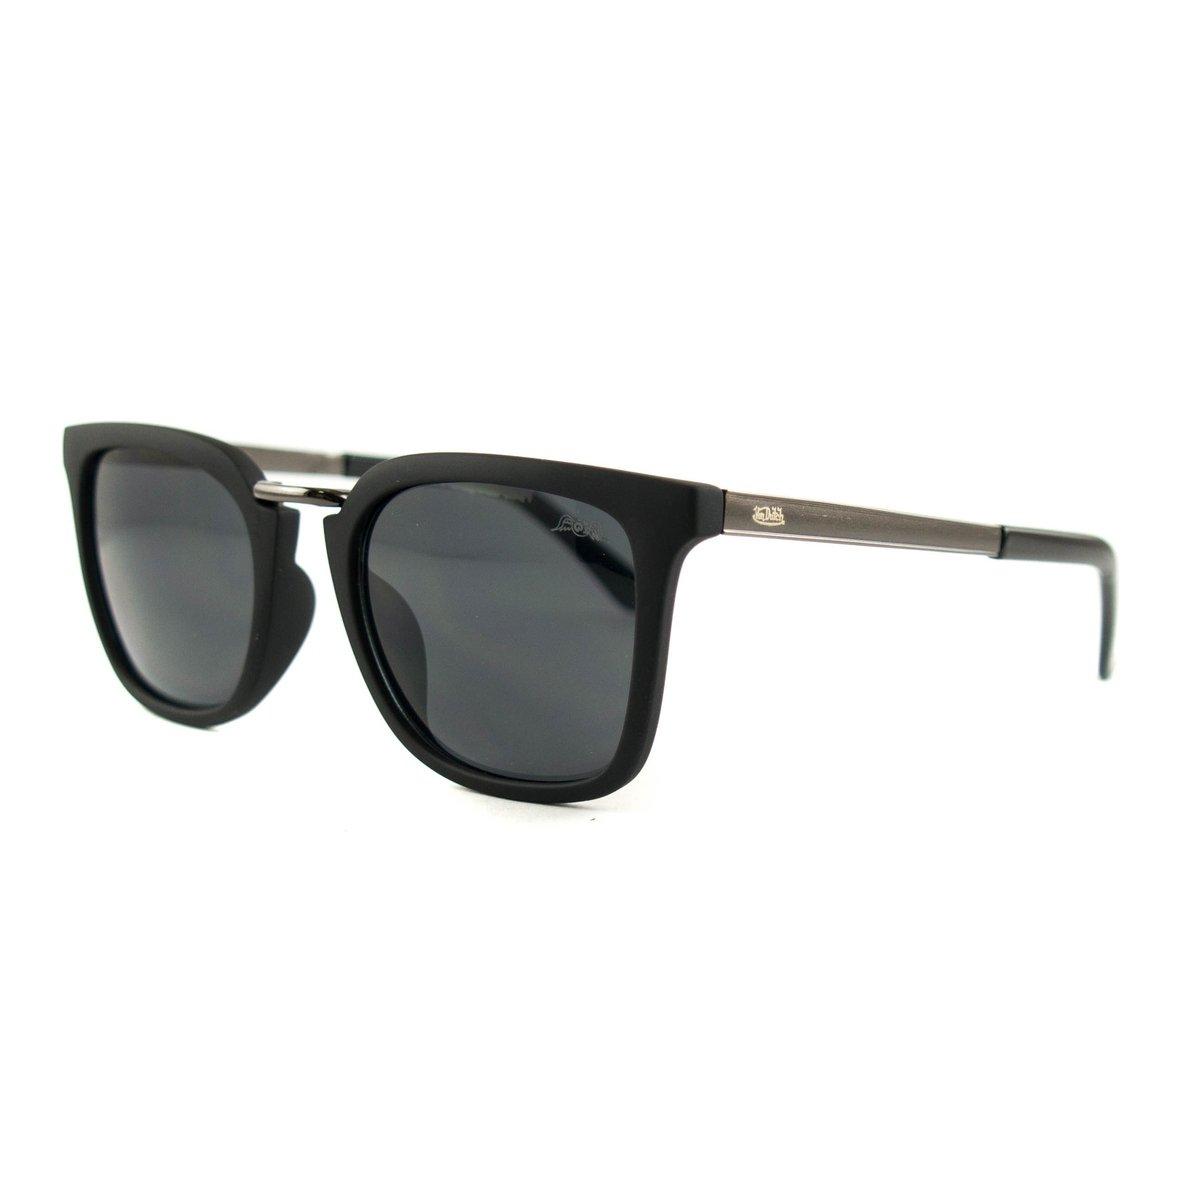 04e3182b0714b Óculos Von Dutch De Sol - Compre Agora